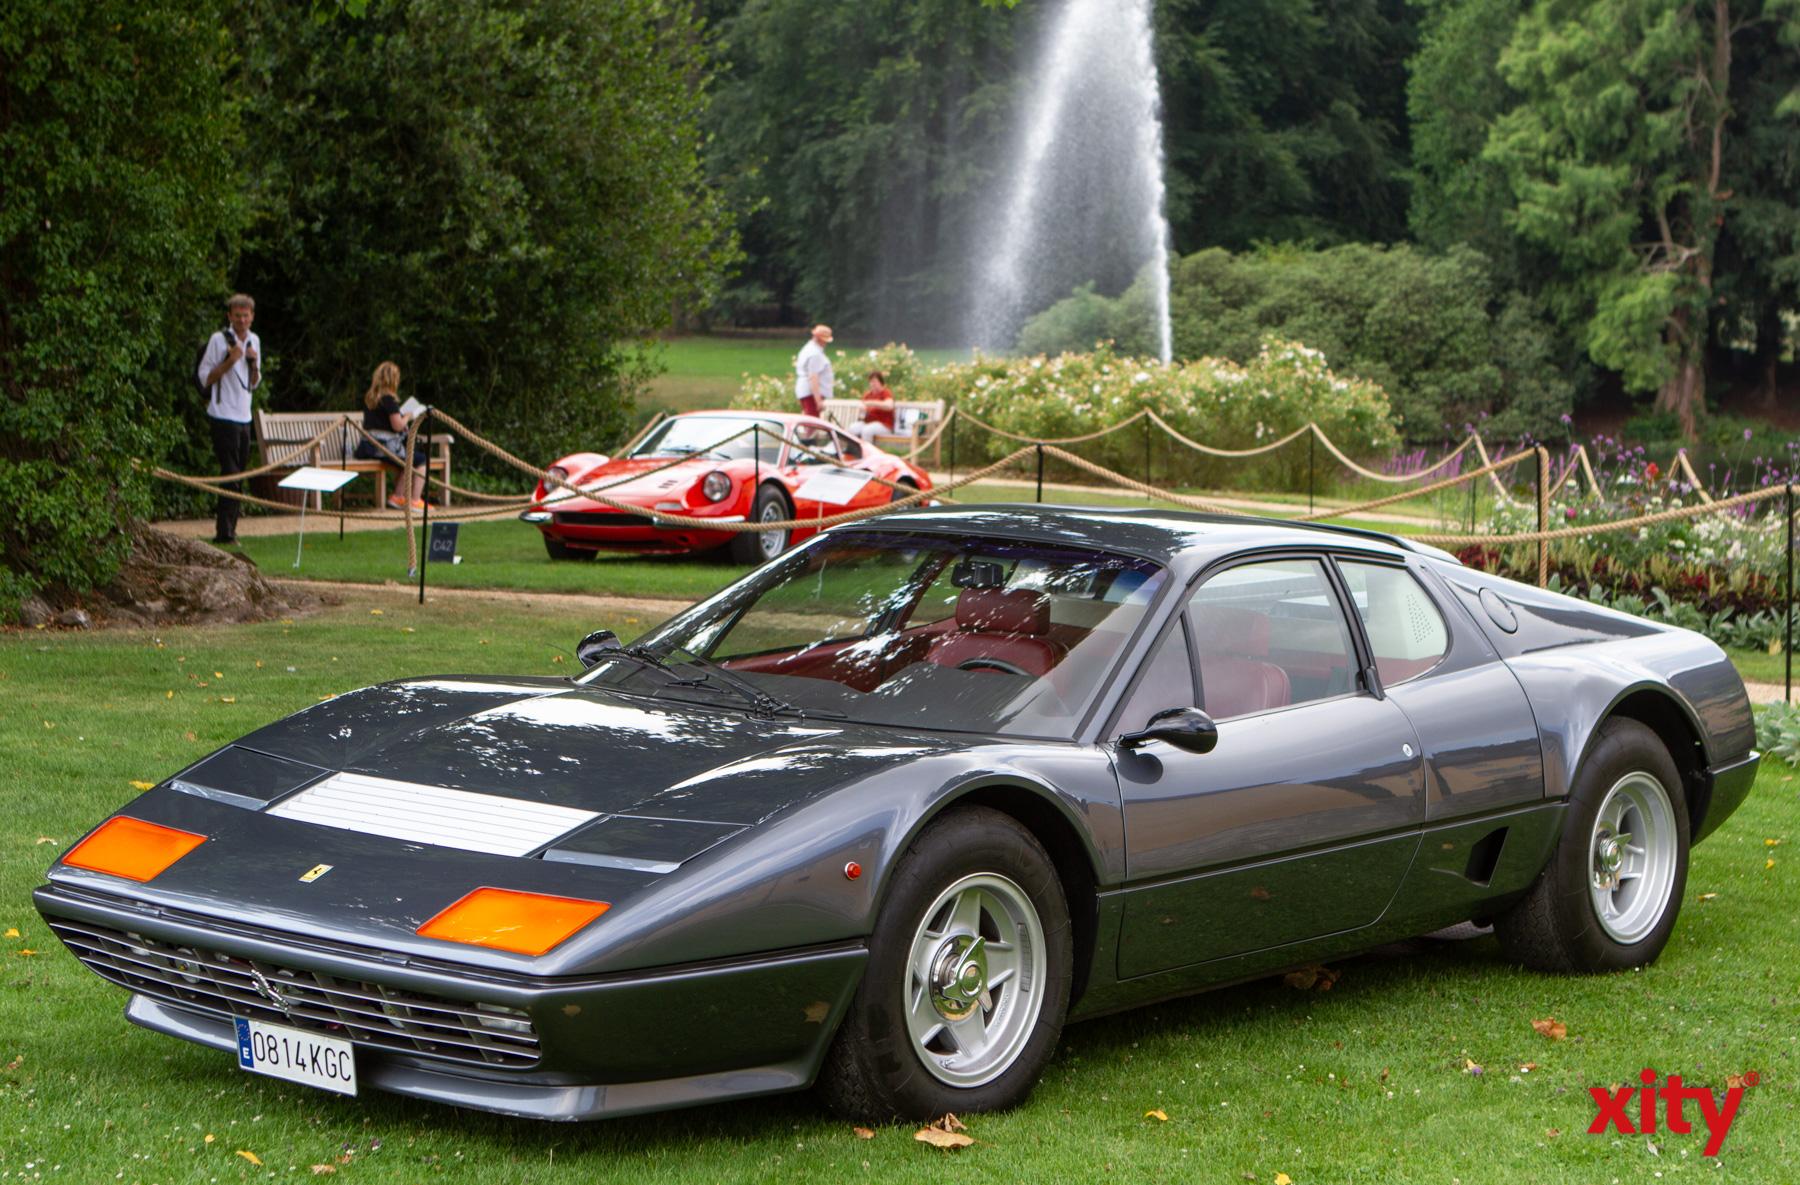 Der Ferrari eines wahren Liebhabers (Foto: xity)